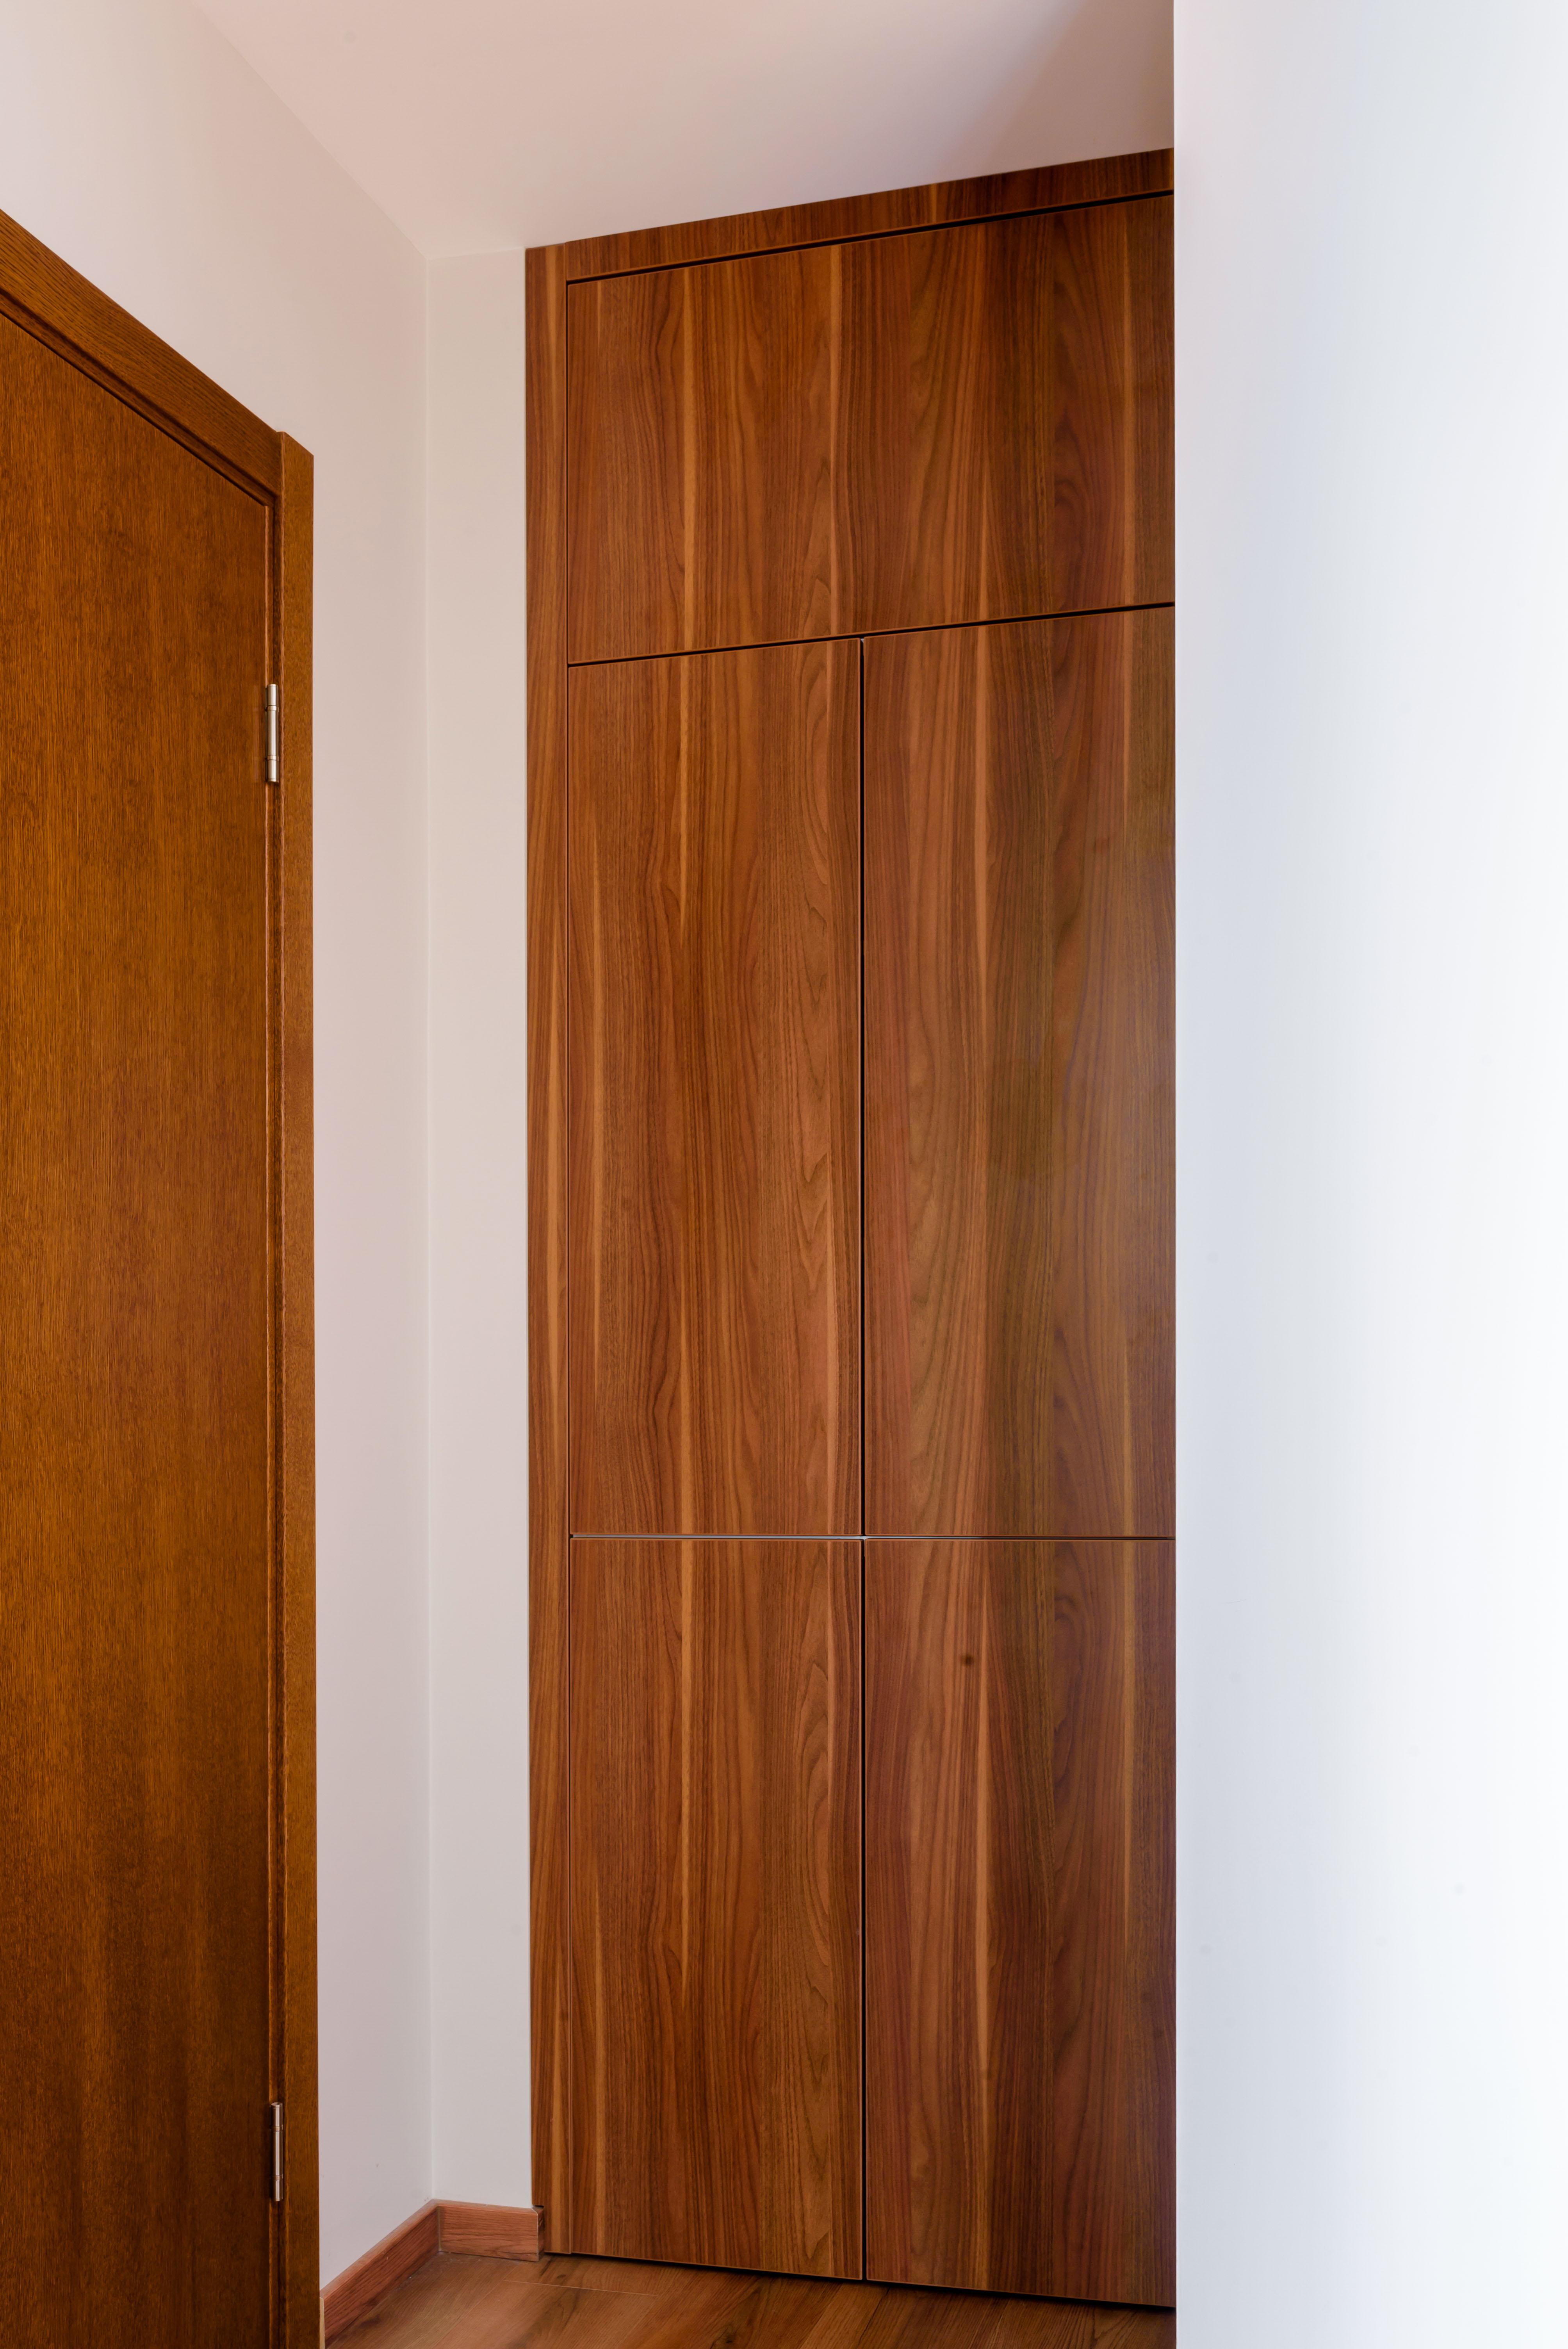 Albero Mēbeles | Iebūvējamie skapji pēc individuāla pasūtījuma